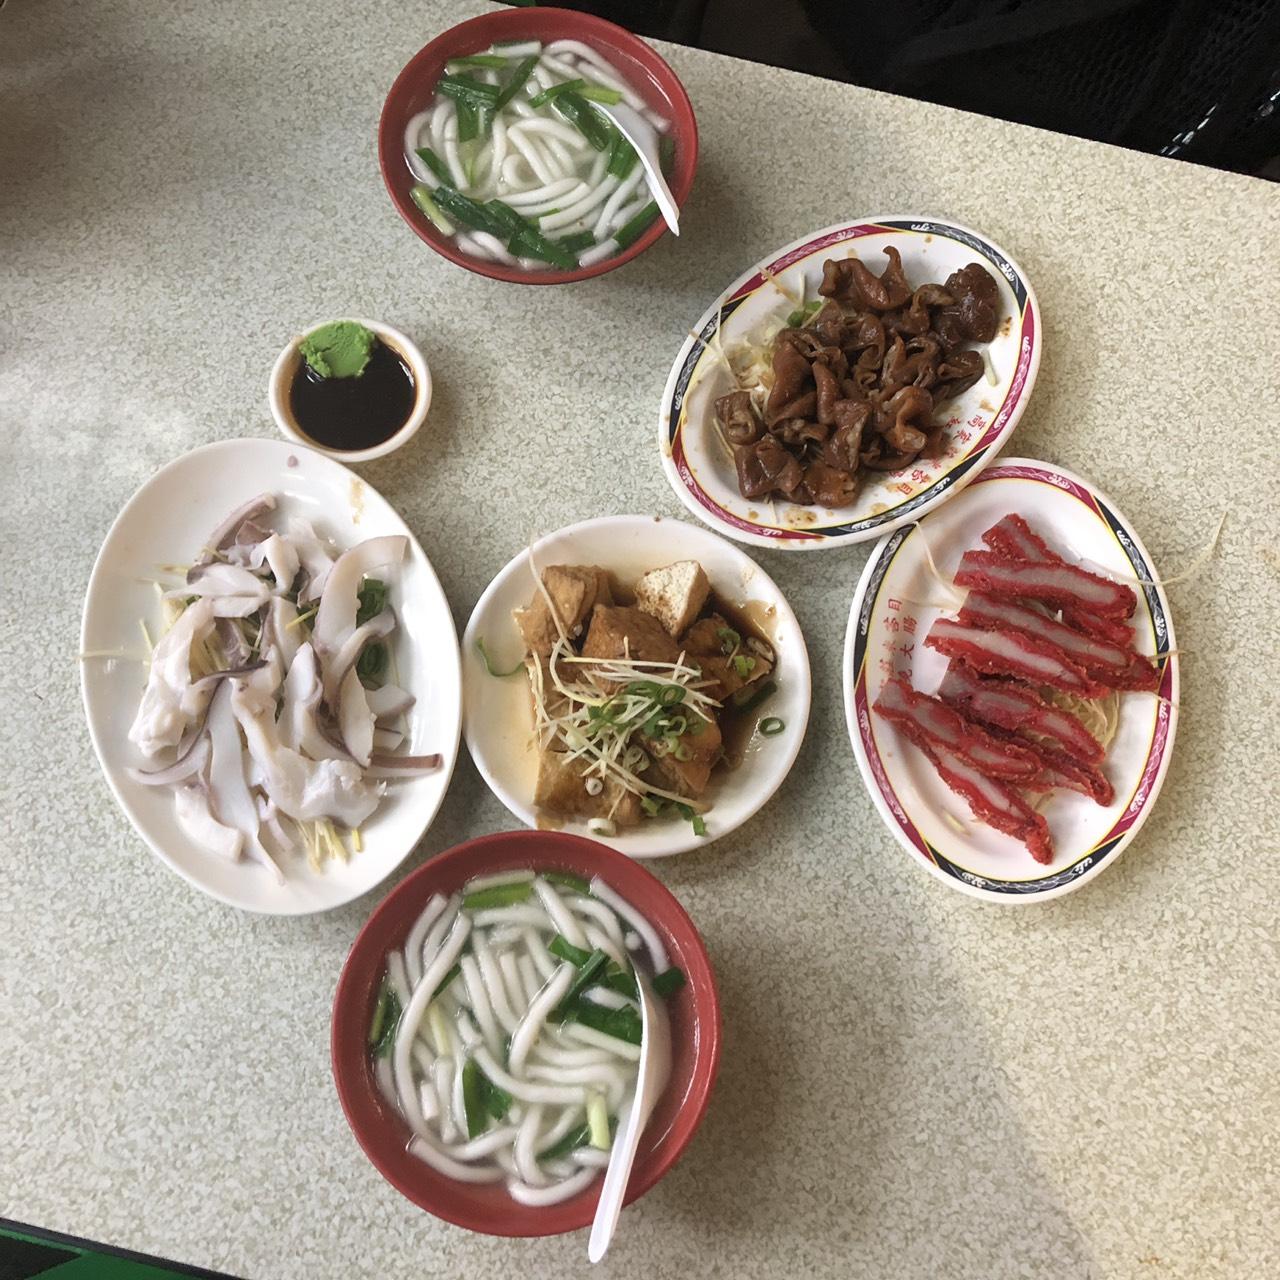 【食記】高家莊米苔目|台北人氣宵夜美食|林森北路宵夜推薦